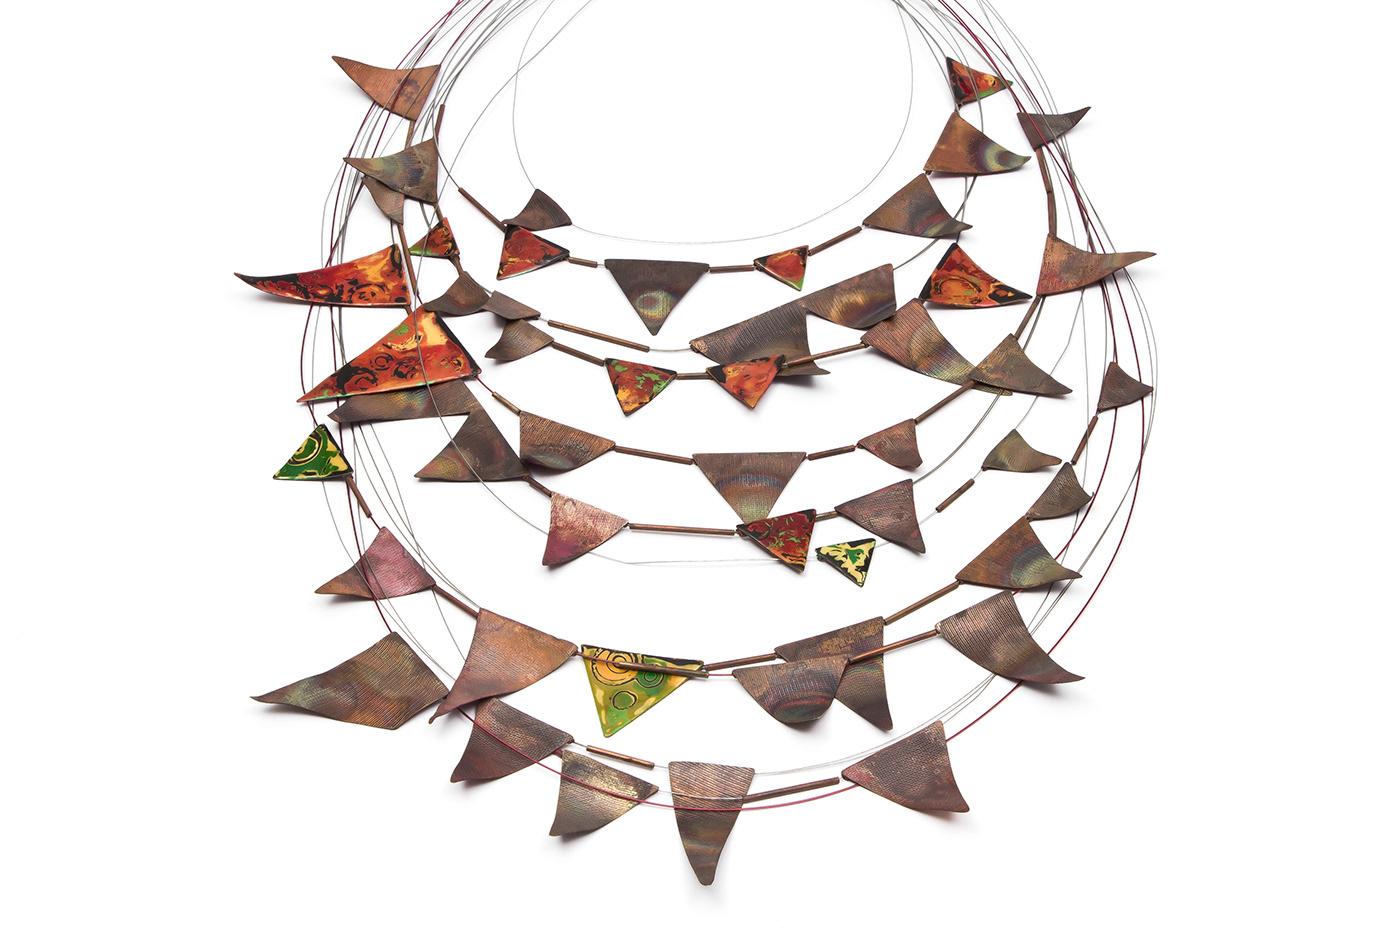 contemporary jewelry conteporany jewelery joyeria Joyería contemporánea mabel pena